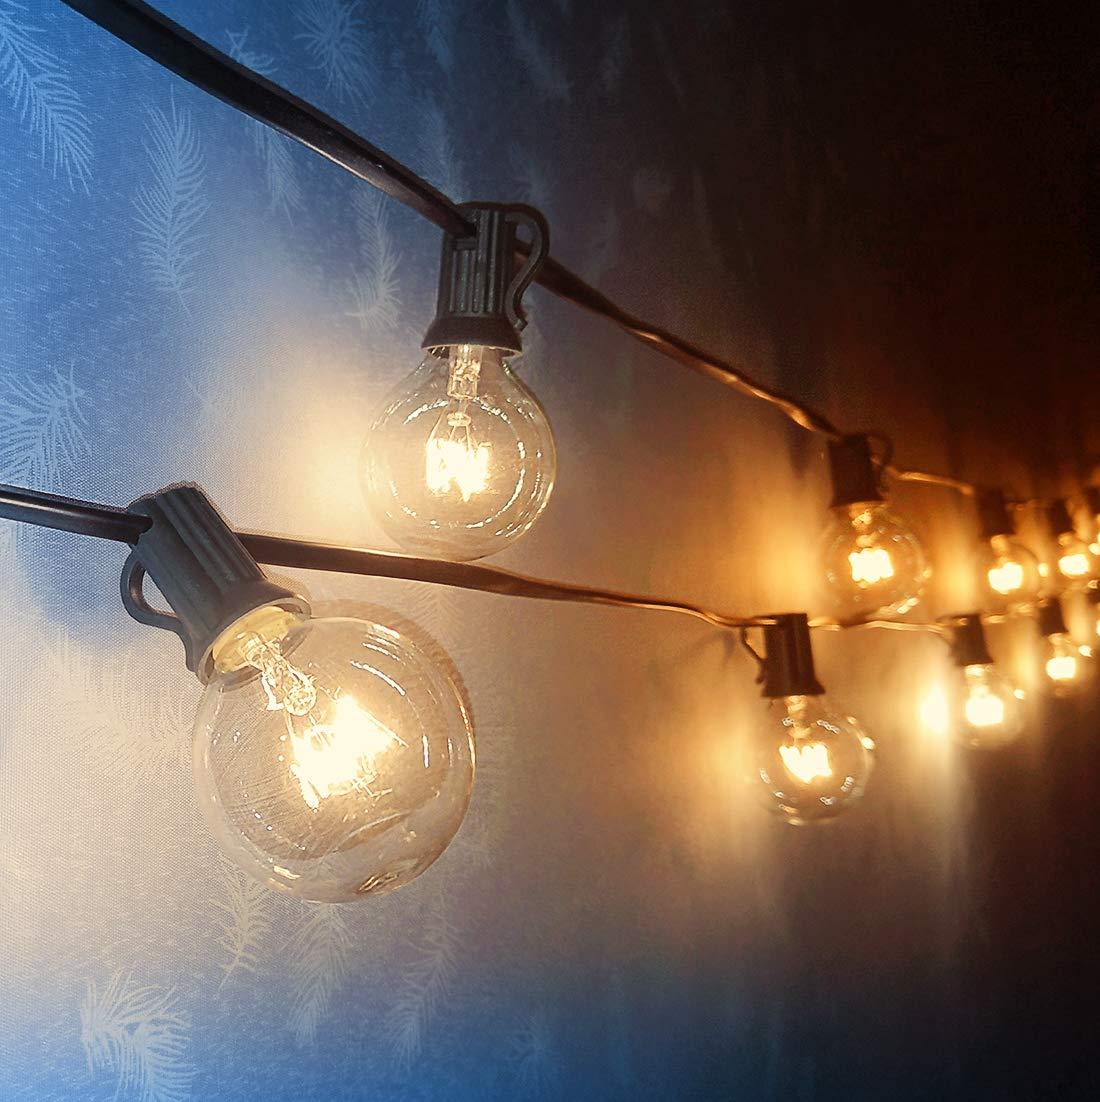 Koopower 25FT G40 Lichterkette Außen, 25er Lichterkette Gluehbirne Aussen,Wasserdichte